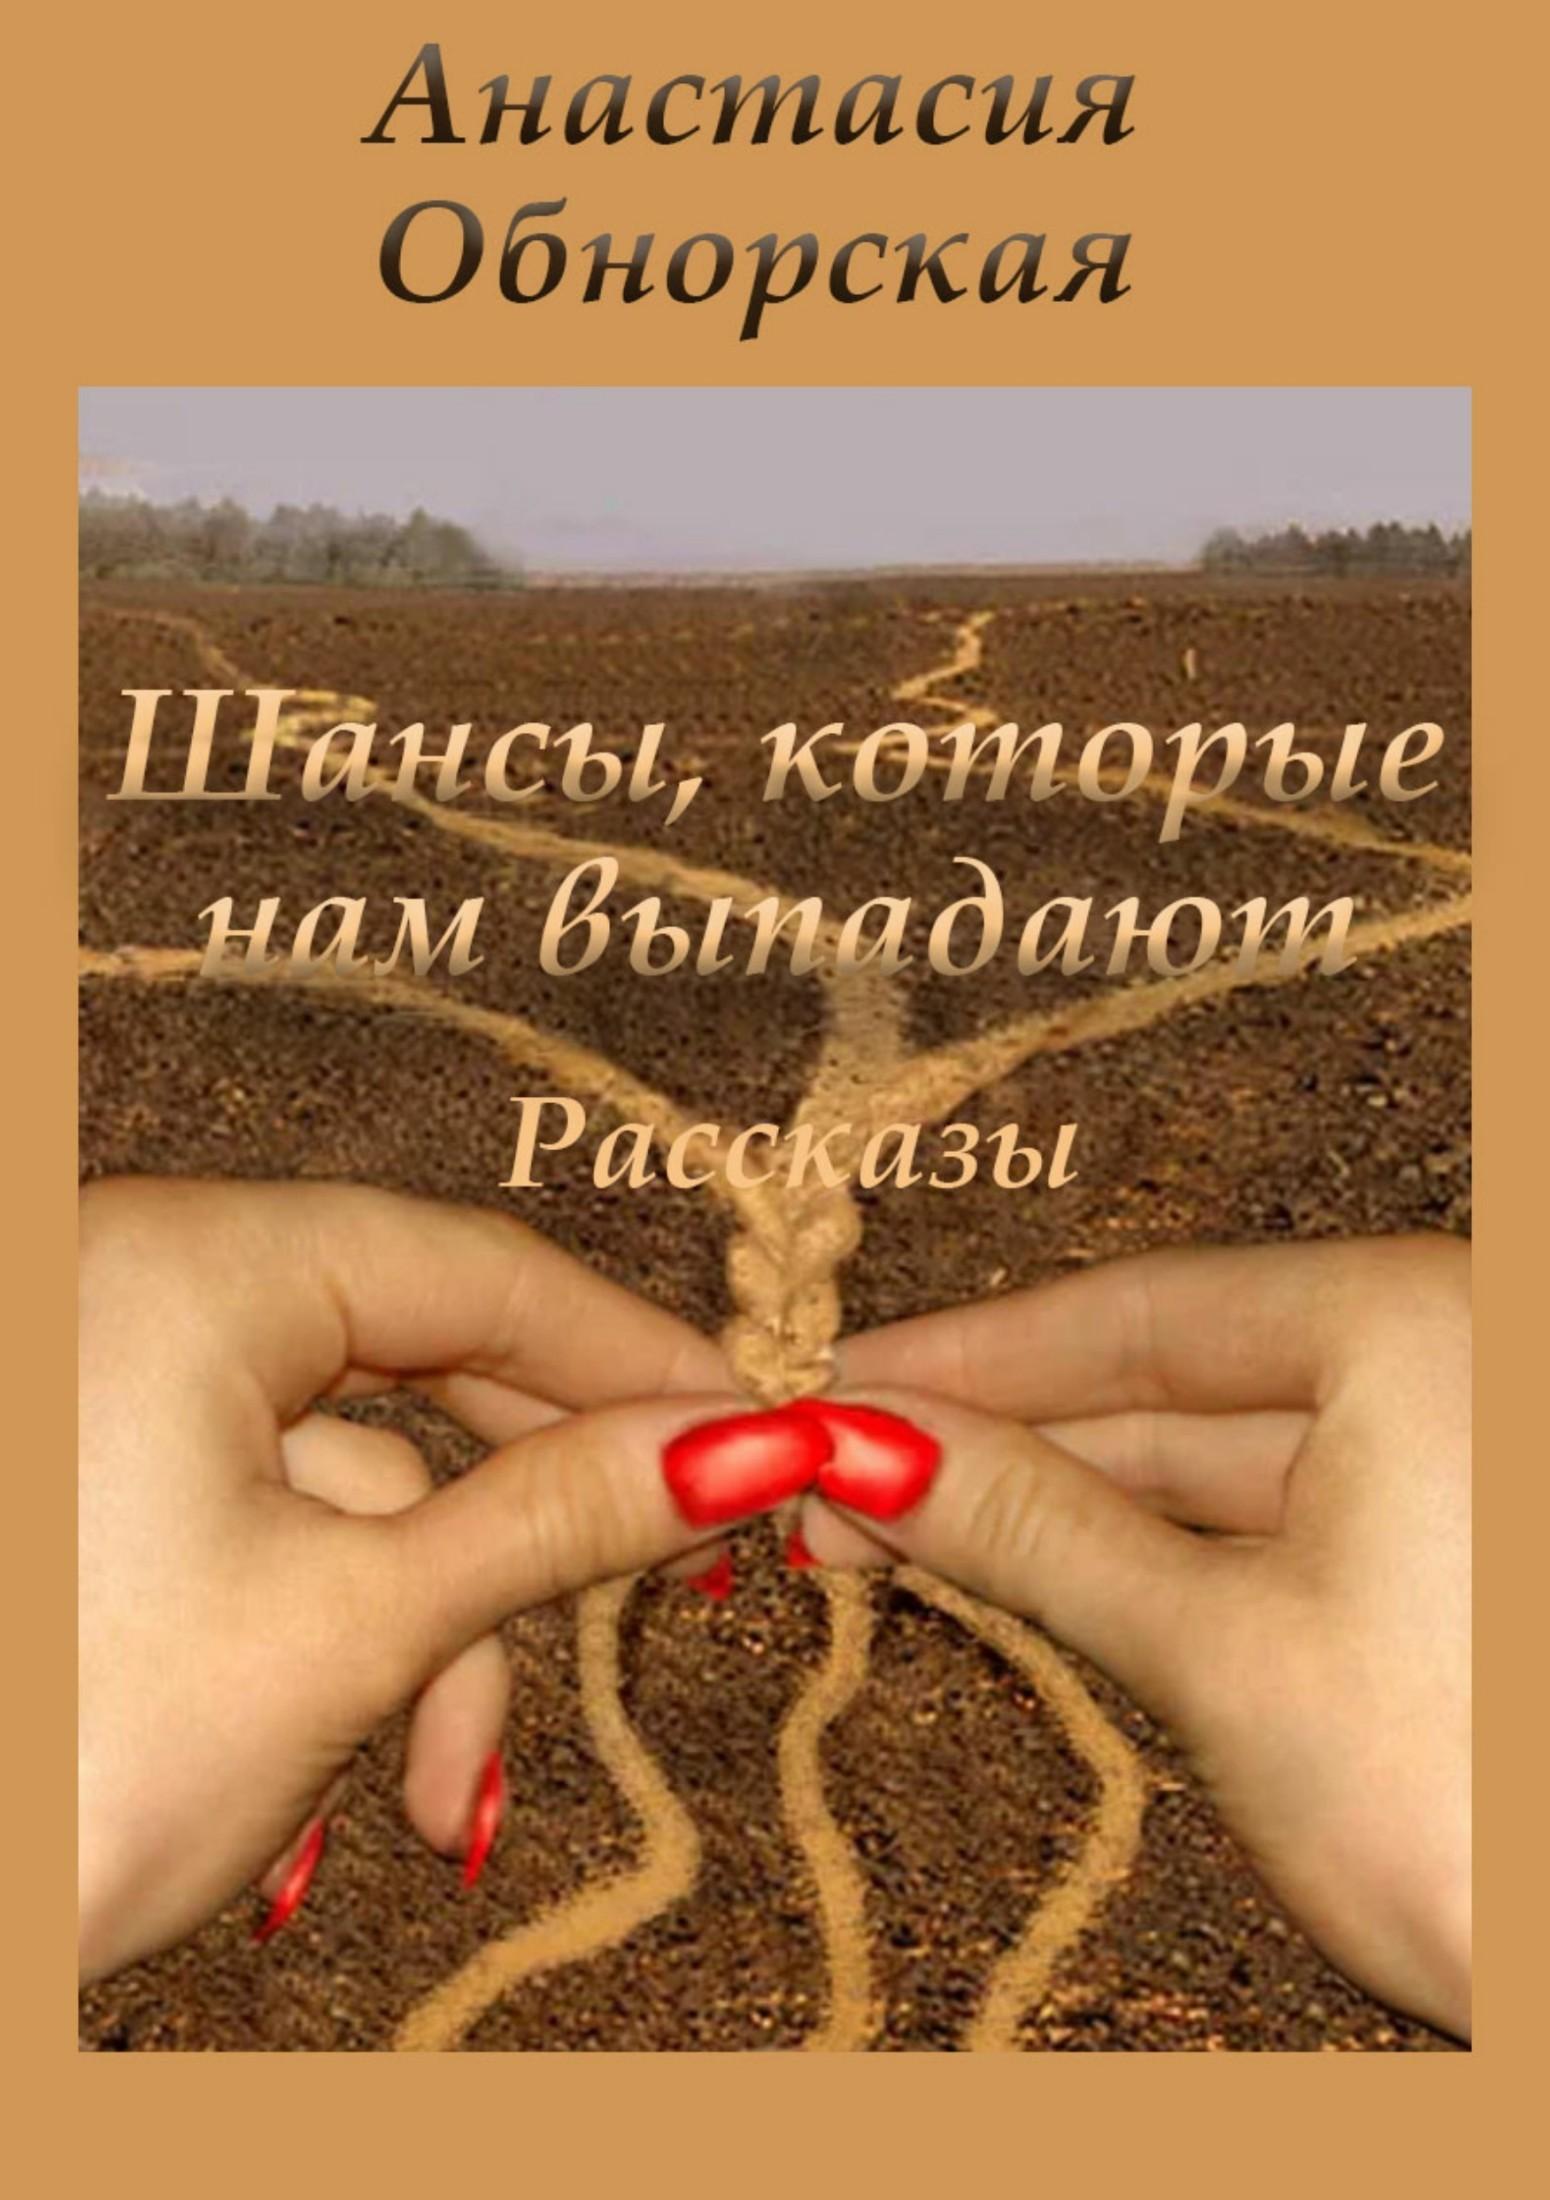 Анастасия Обнорская Шансы, которые нам выпадают нам судьба обязана счастьем